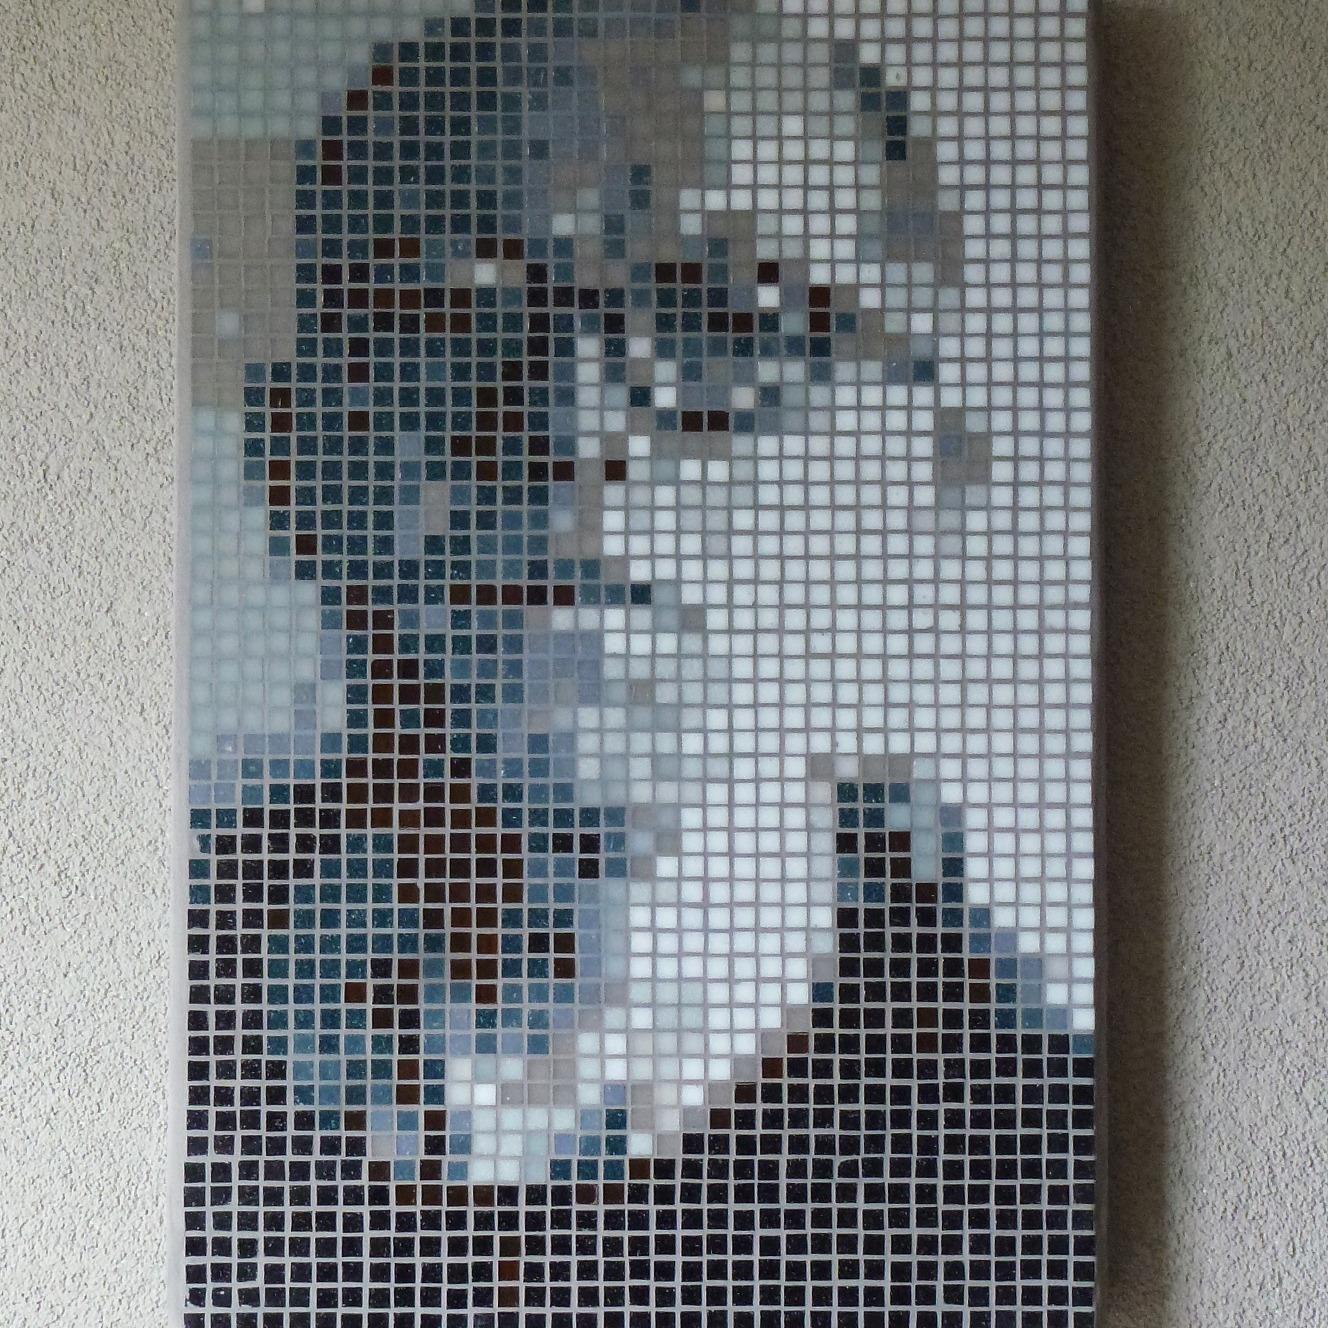 meg mercx mozaiekportret 3